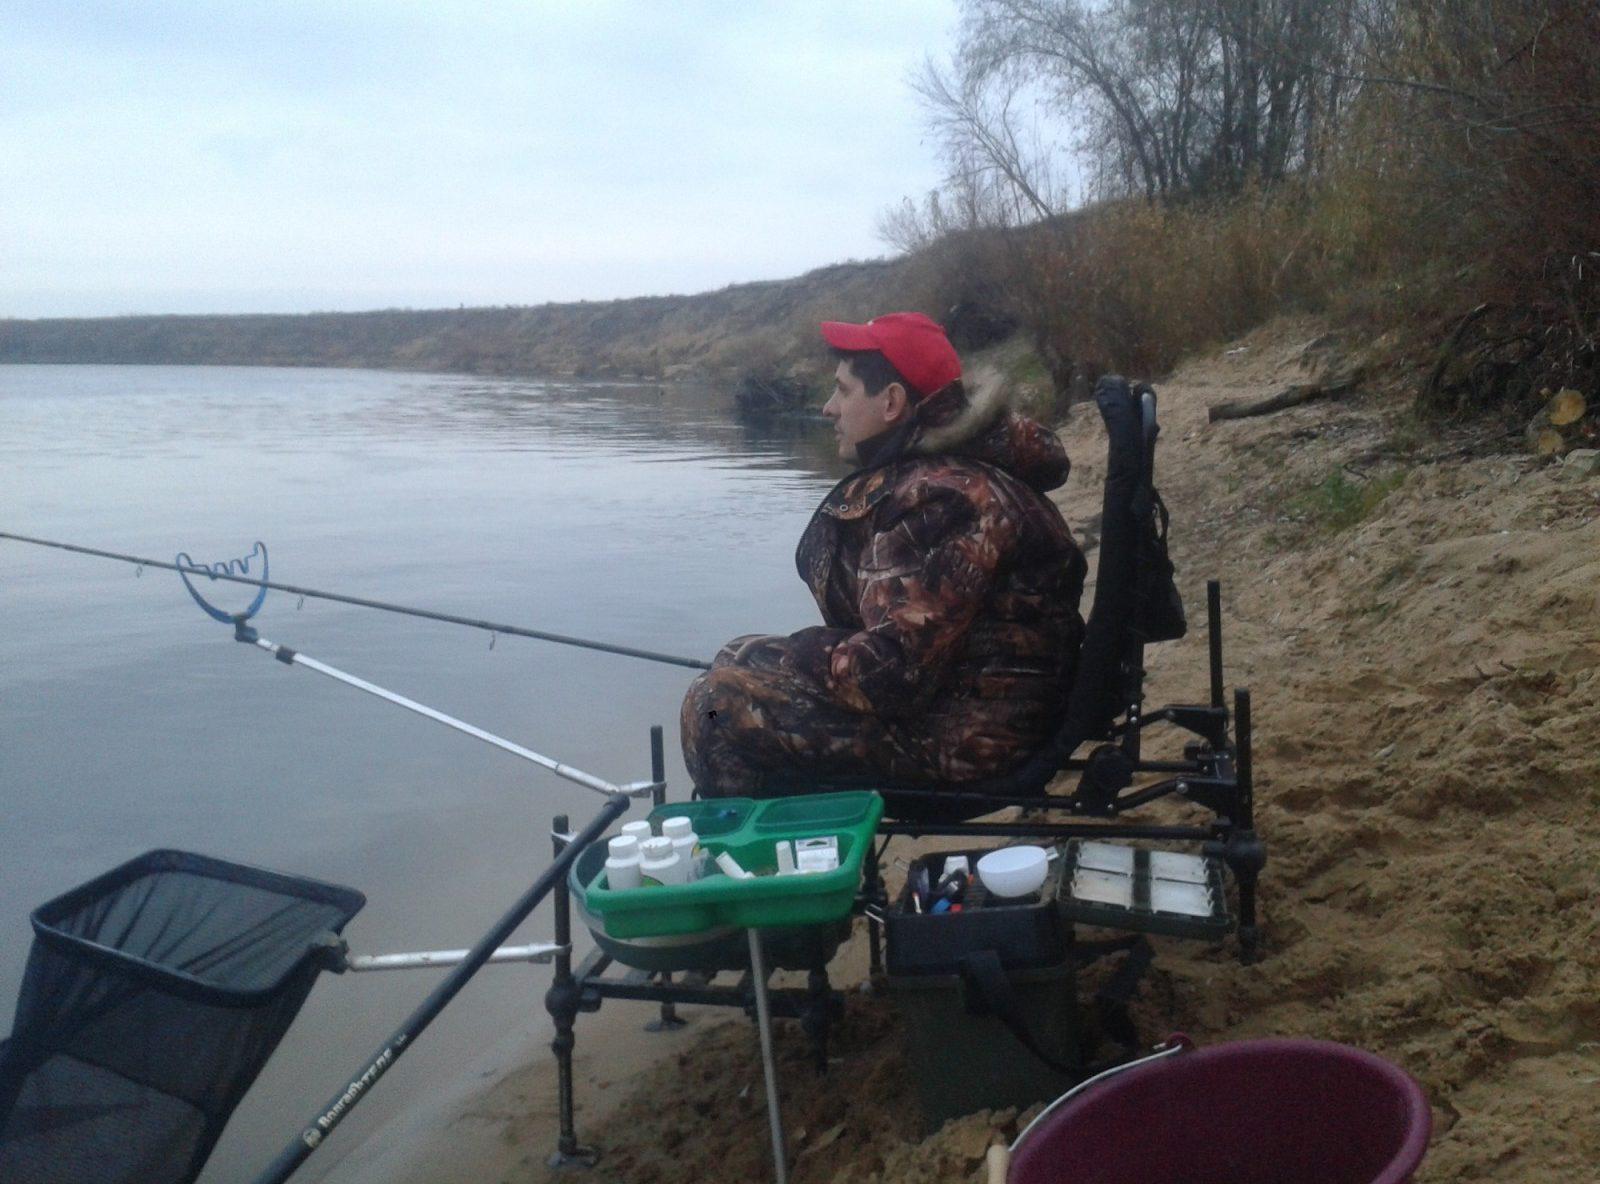 Рыбак с удочкой в кресле на берегу реки